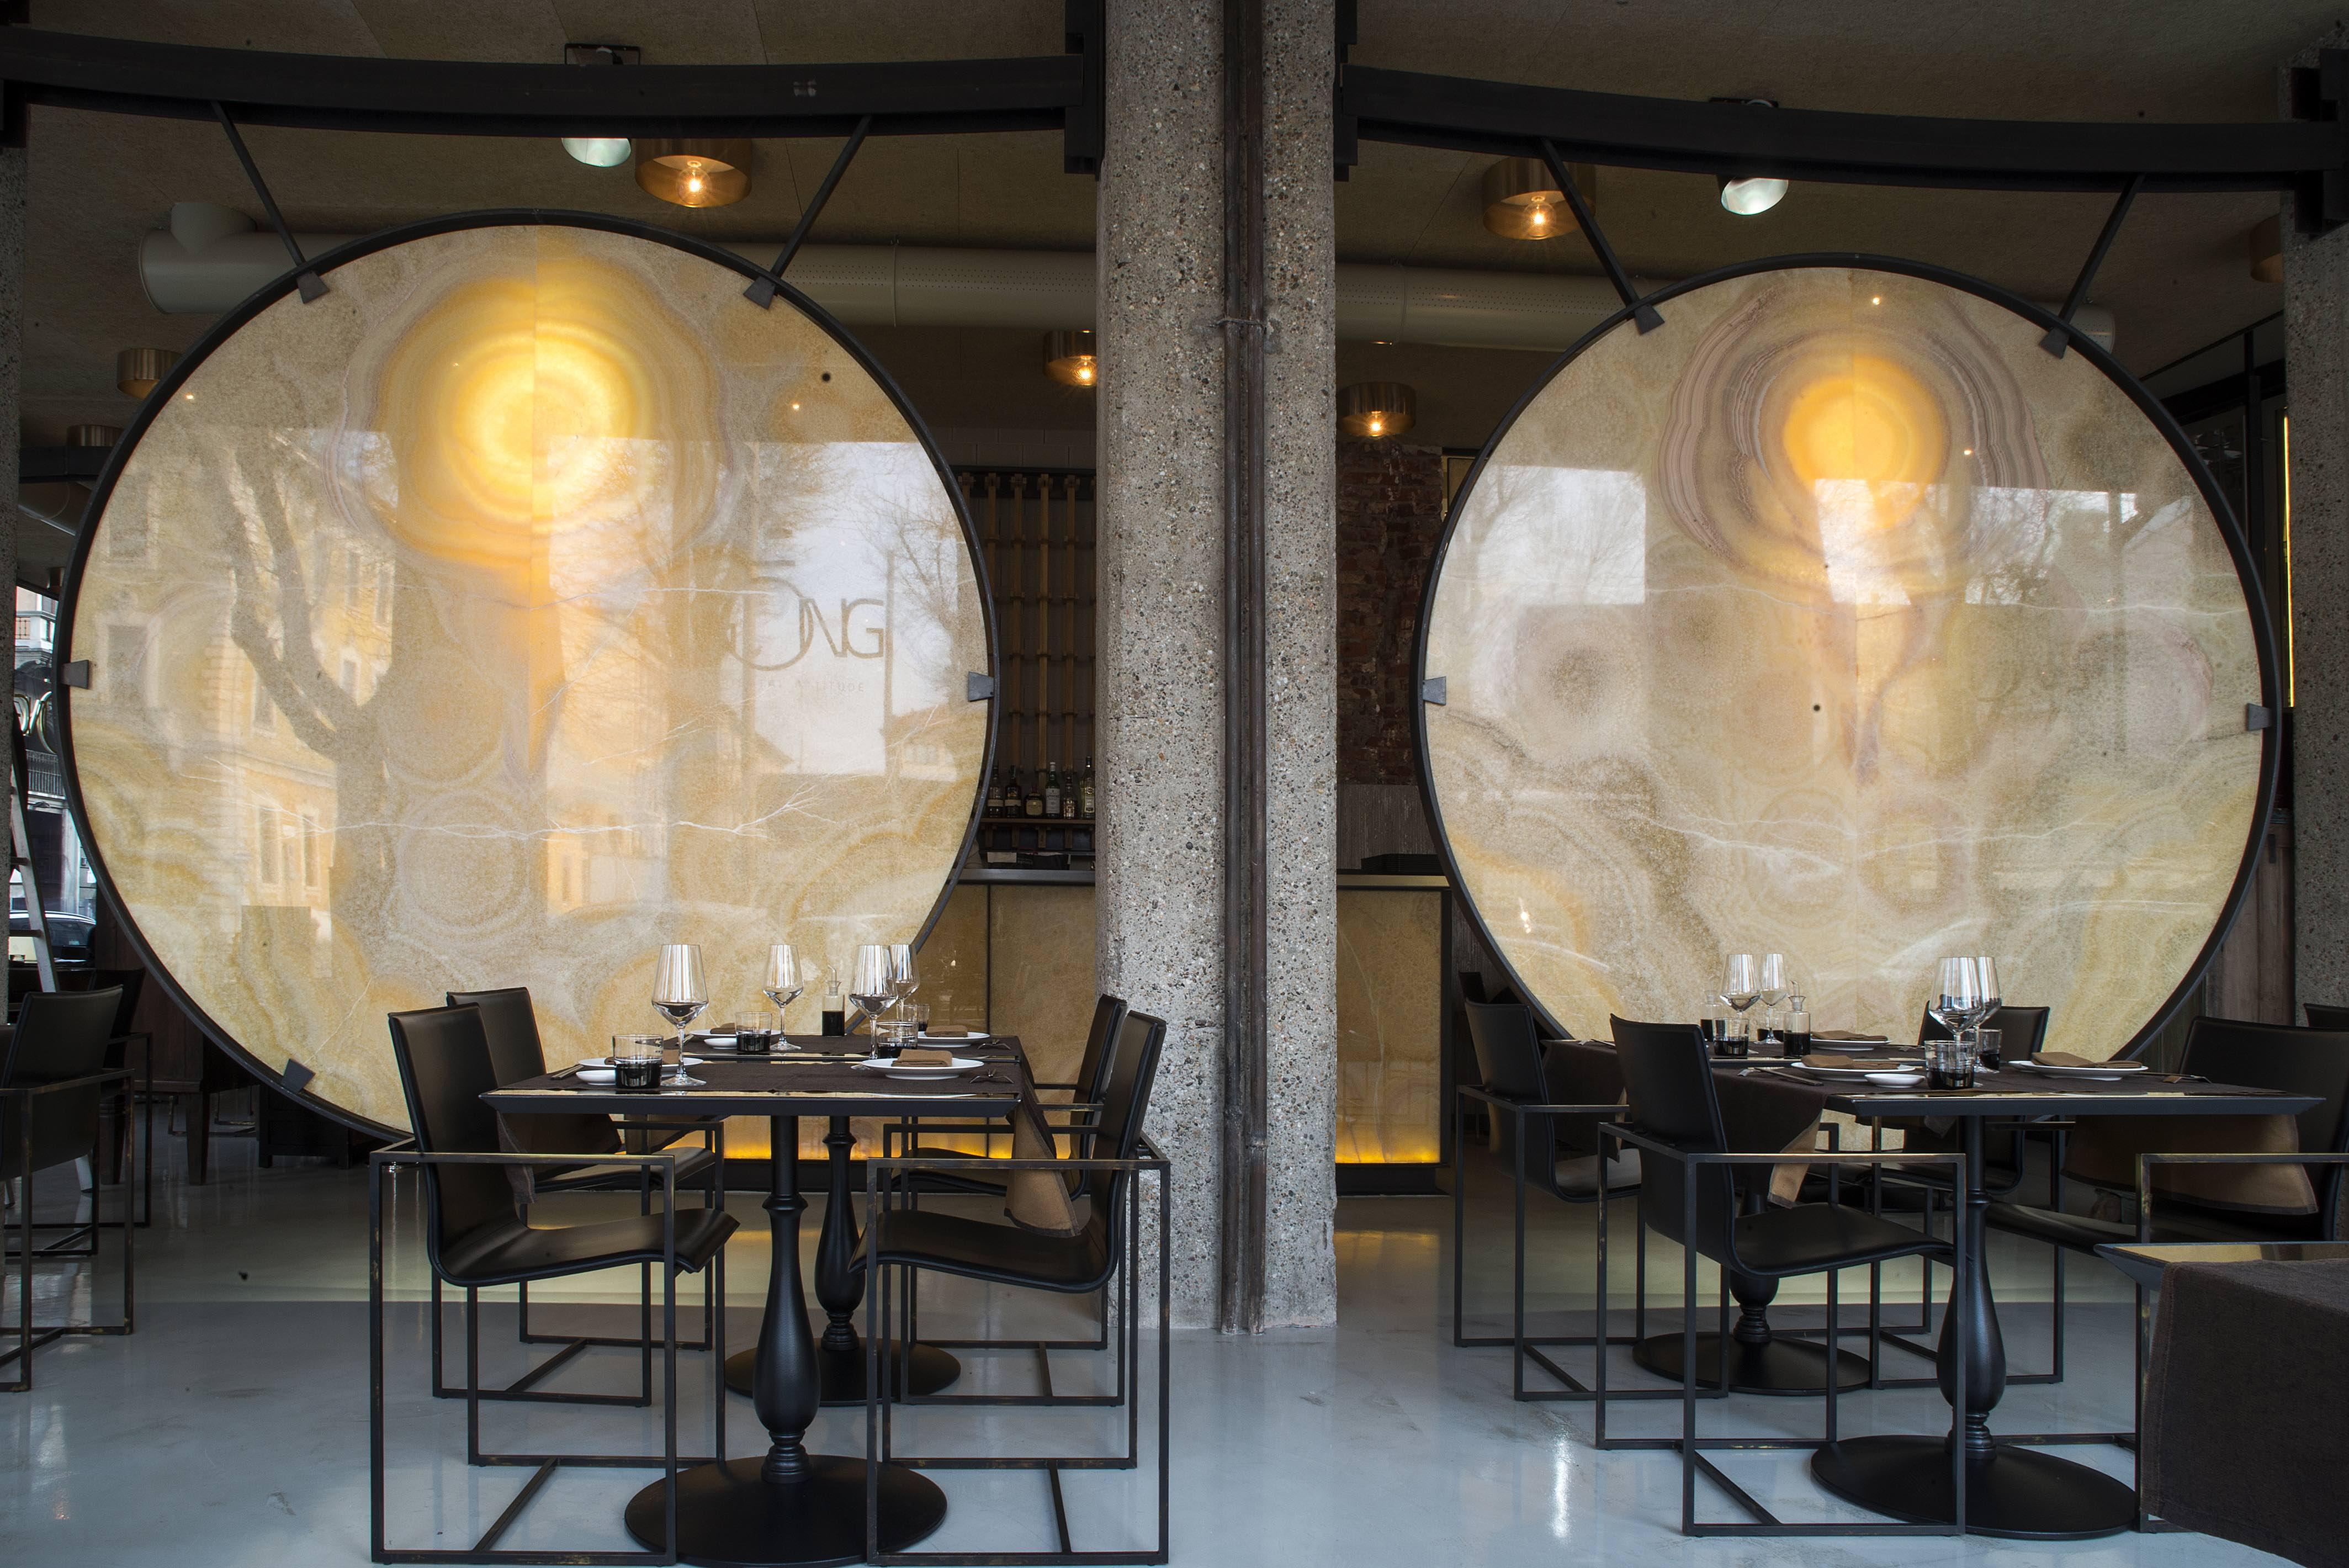 Gong, un ristorante di cucina orientale dallo stile unico